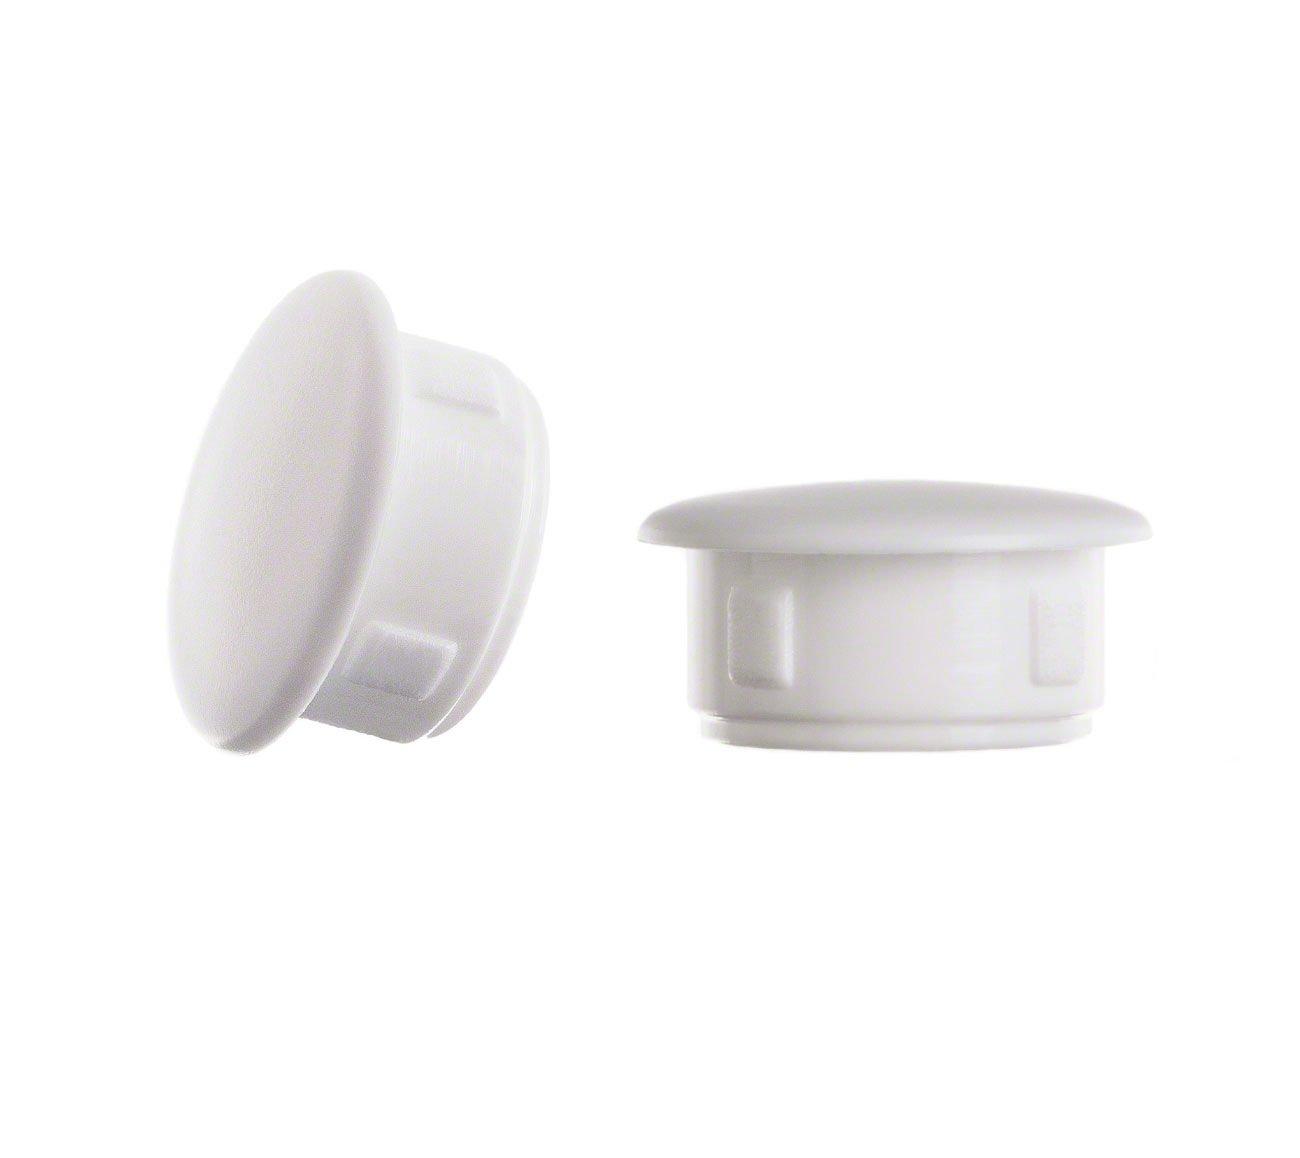 25 pcs bouchons pour trous de fixation 13x8 blanc Bouchons Capuchon Bouchons en plastique